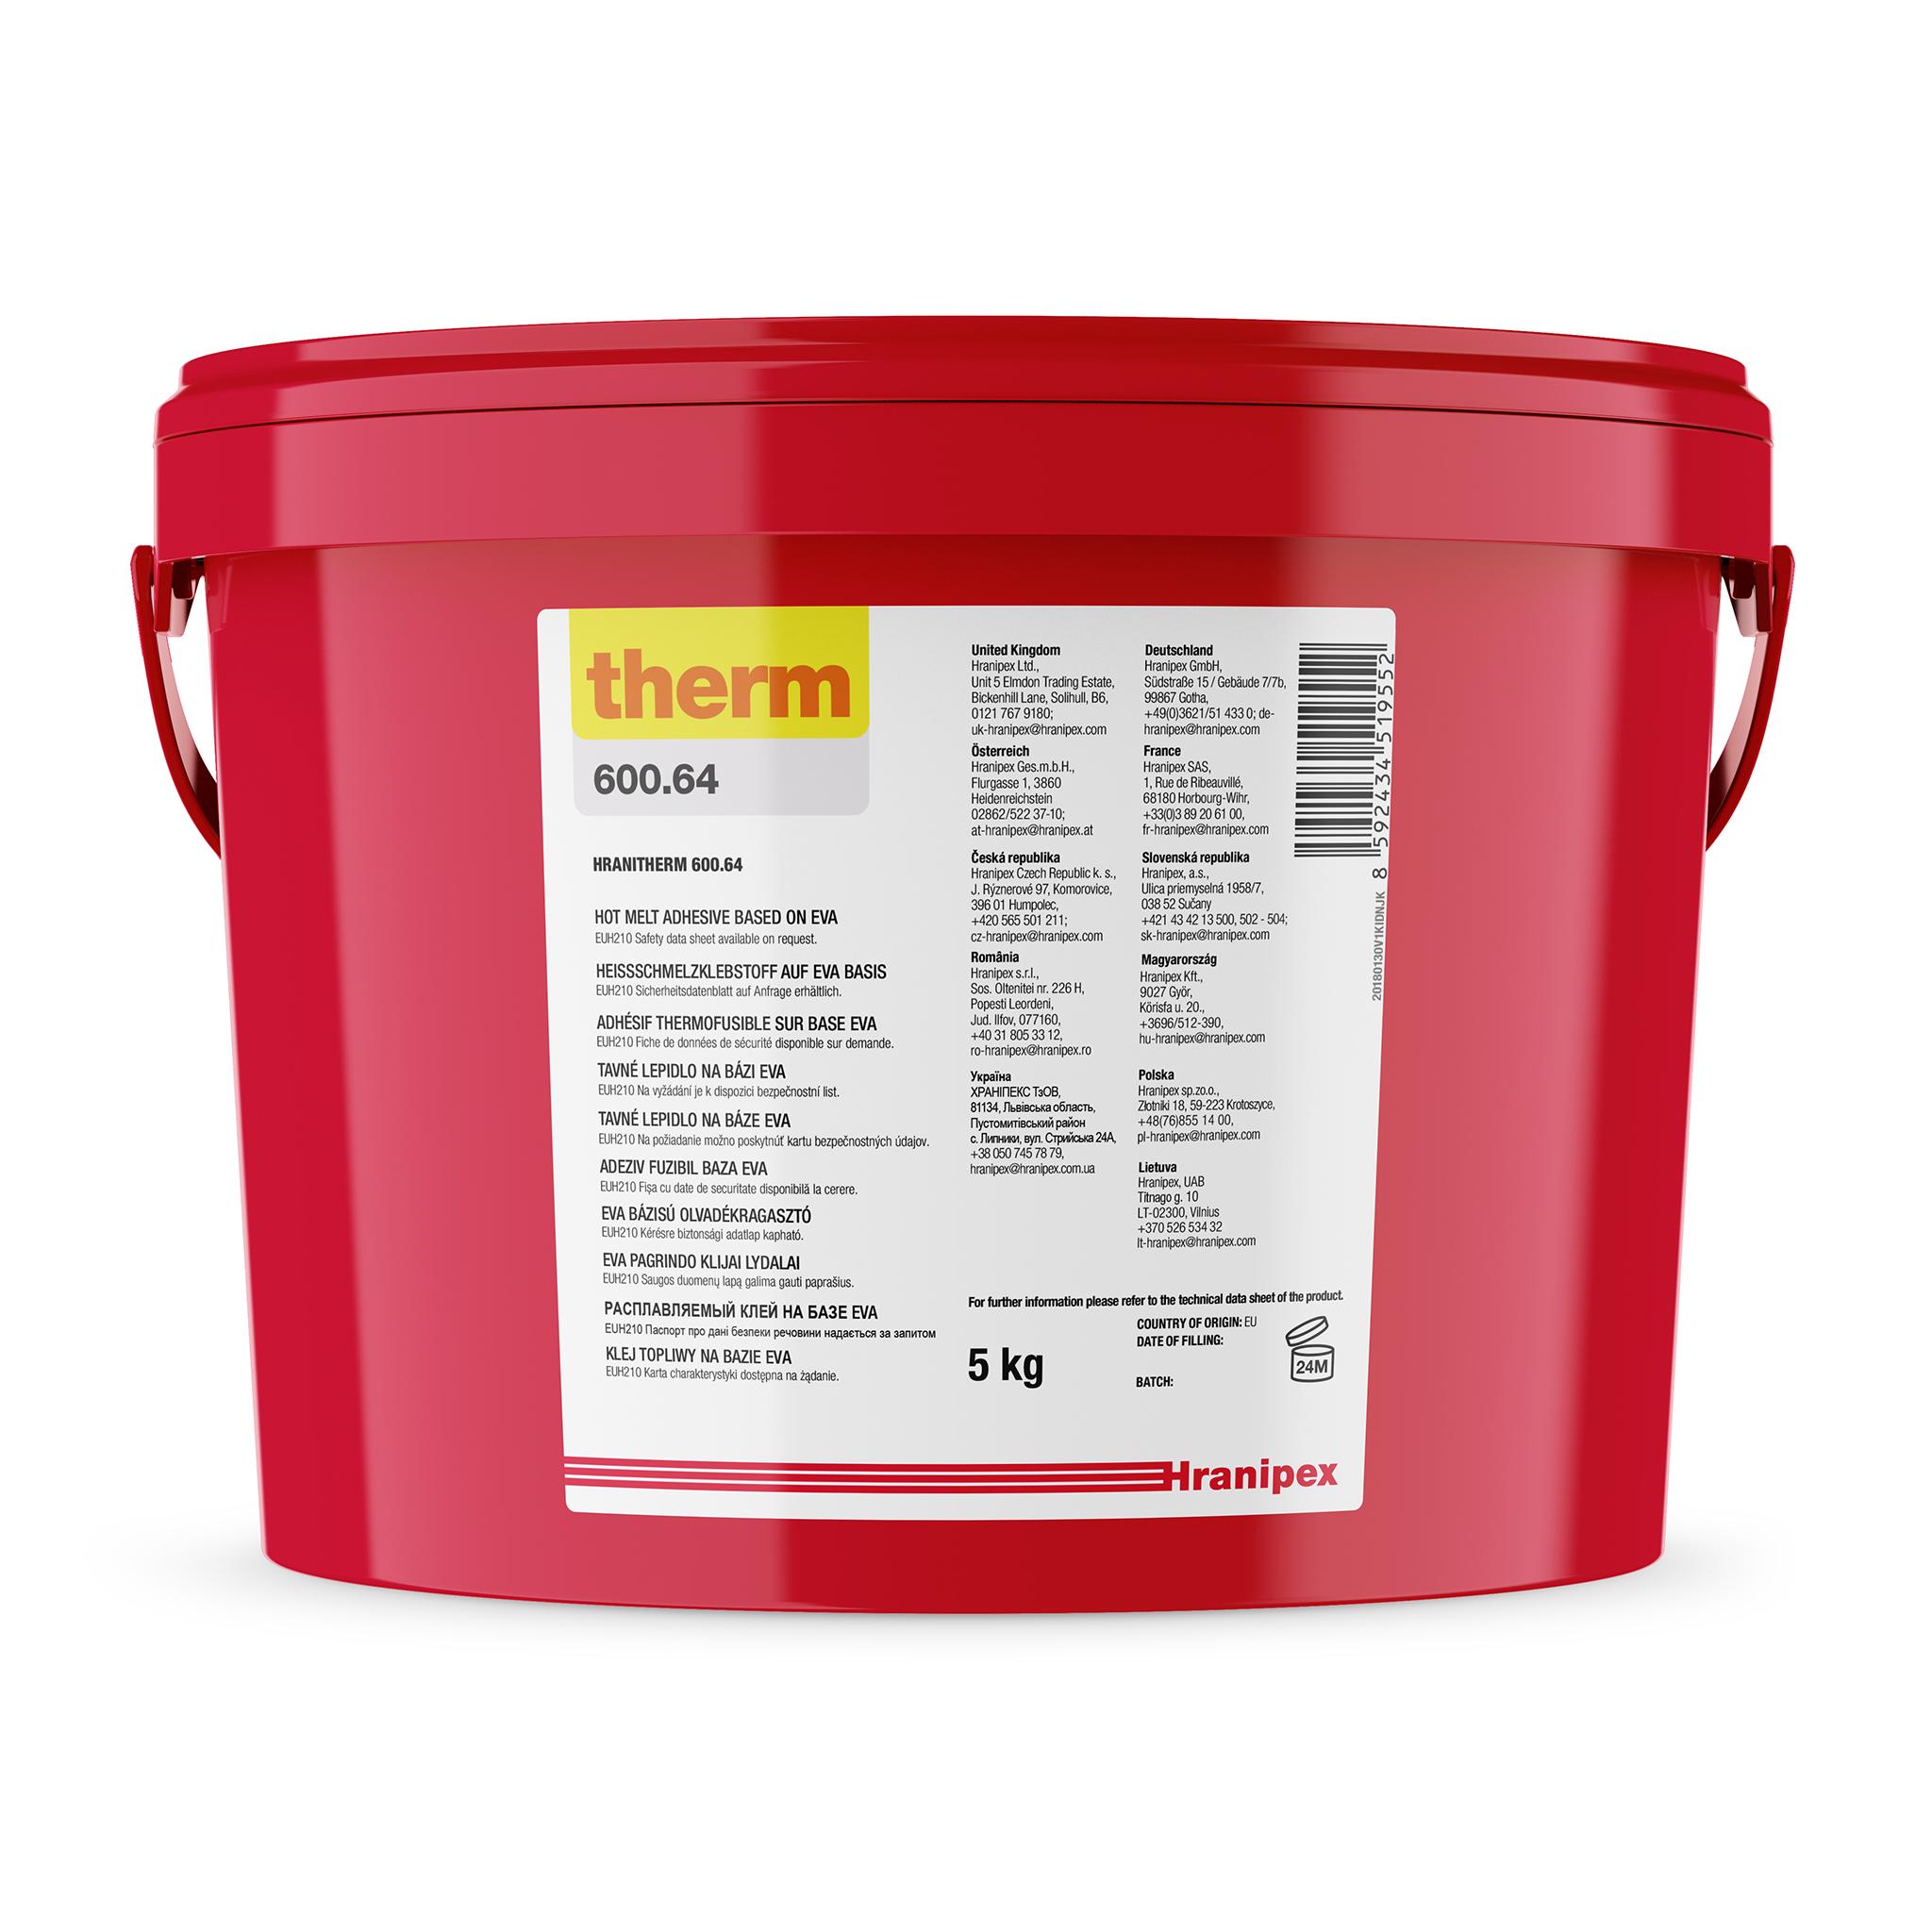 HRANITHERM 600.64 natural - termoadhesivo EVA 5 kg granule